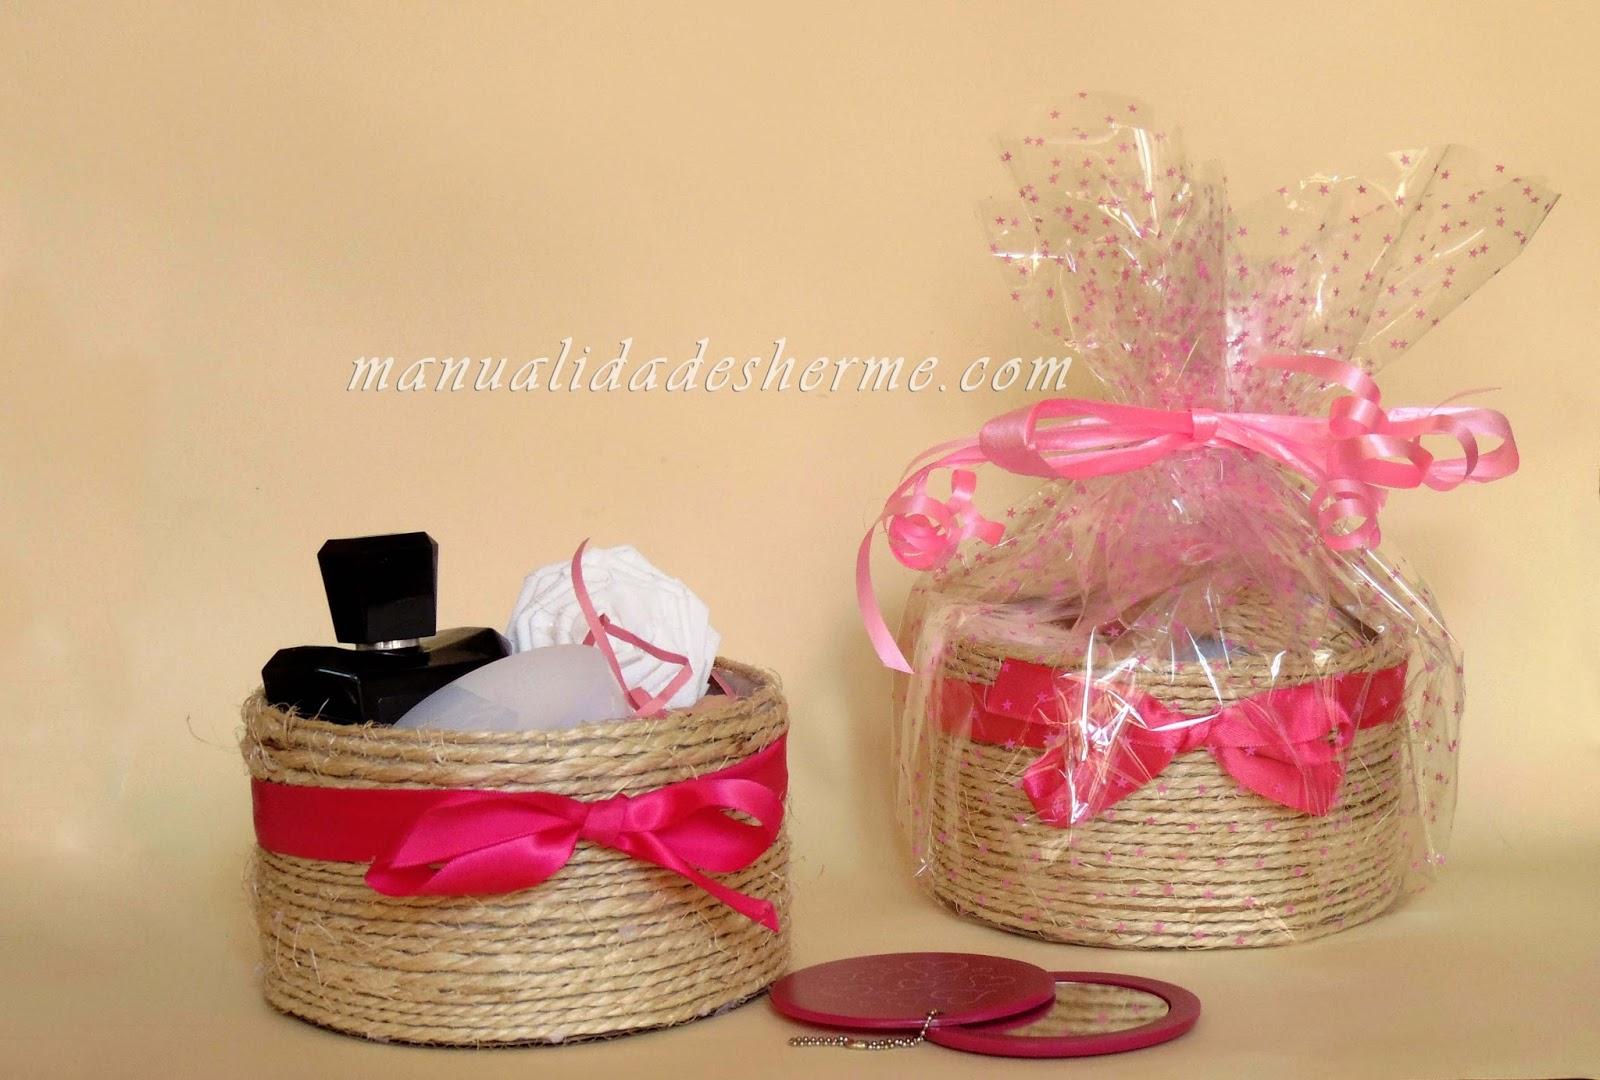 Manualidades herme hacer cajas de cart n o cestos f cilmente - Cajas de carton bonitas ...